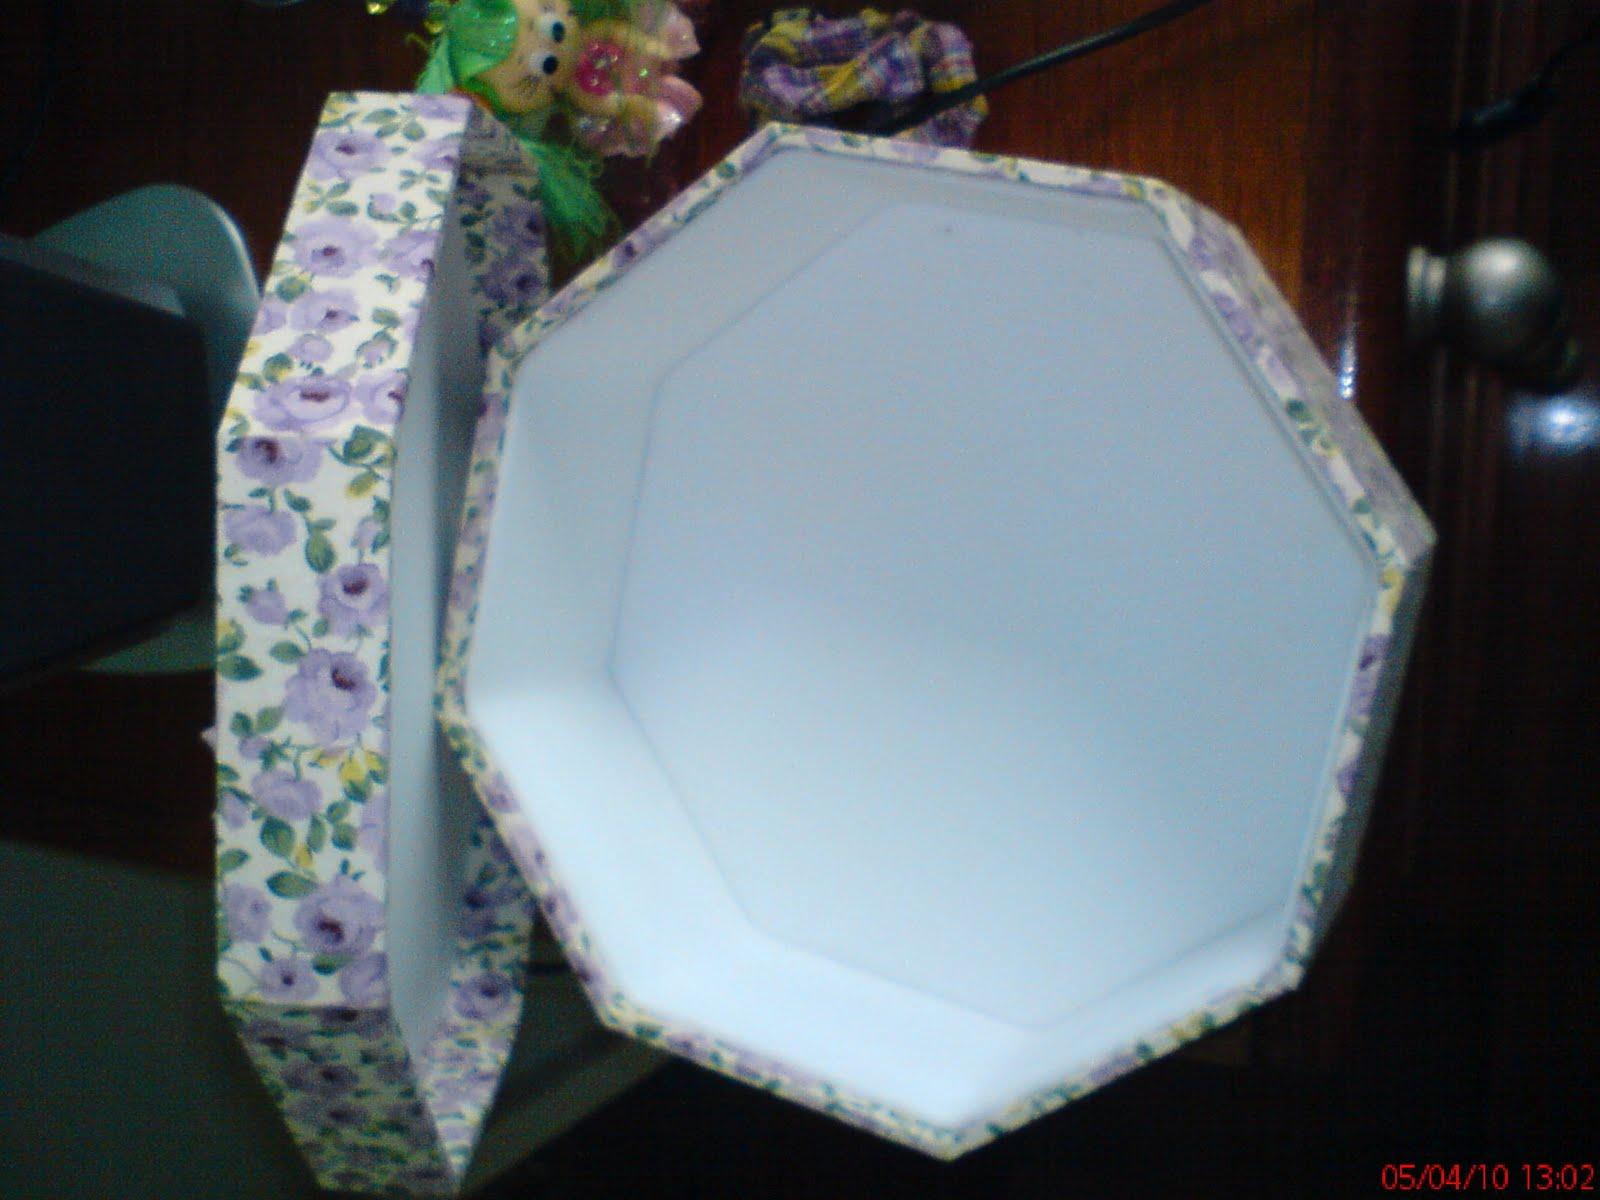 Coisa Bonita Artesanato: Caixa de madeira forrada com tecido e EVA #63382C 1600x1200